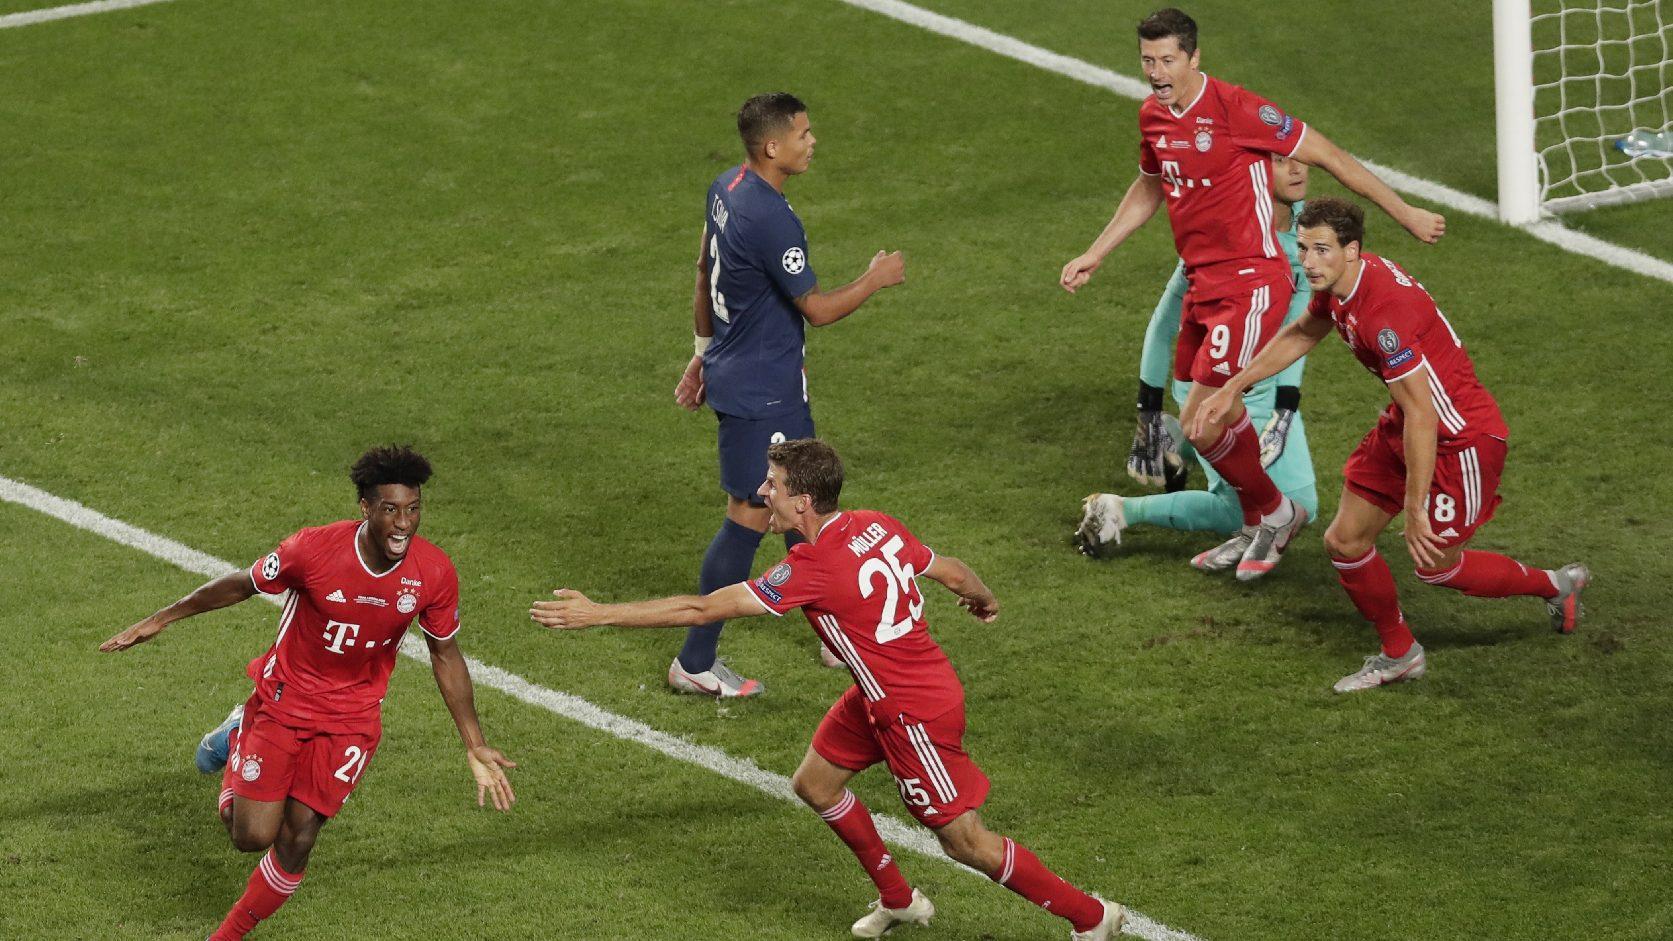 PSG-nevelés döntött – BL-győztes a Bayern München | M4 Sport